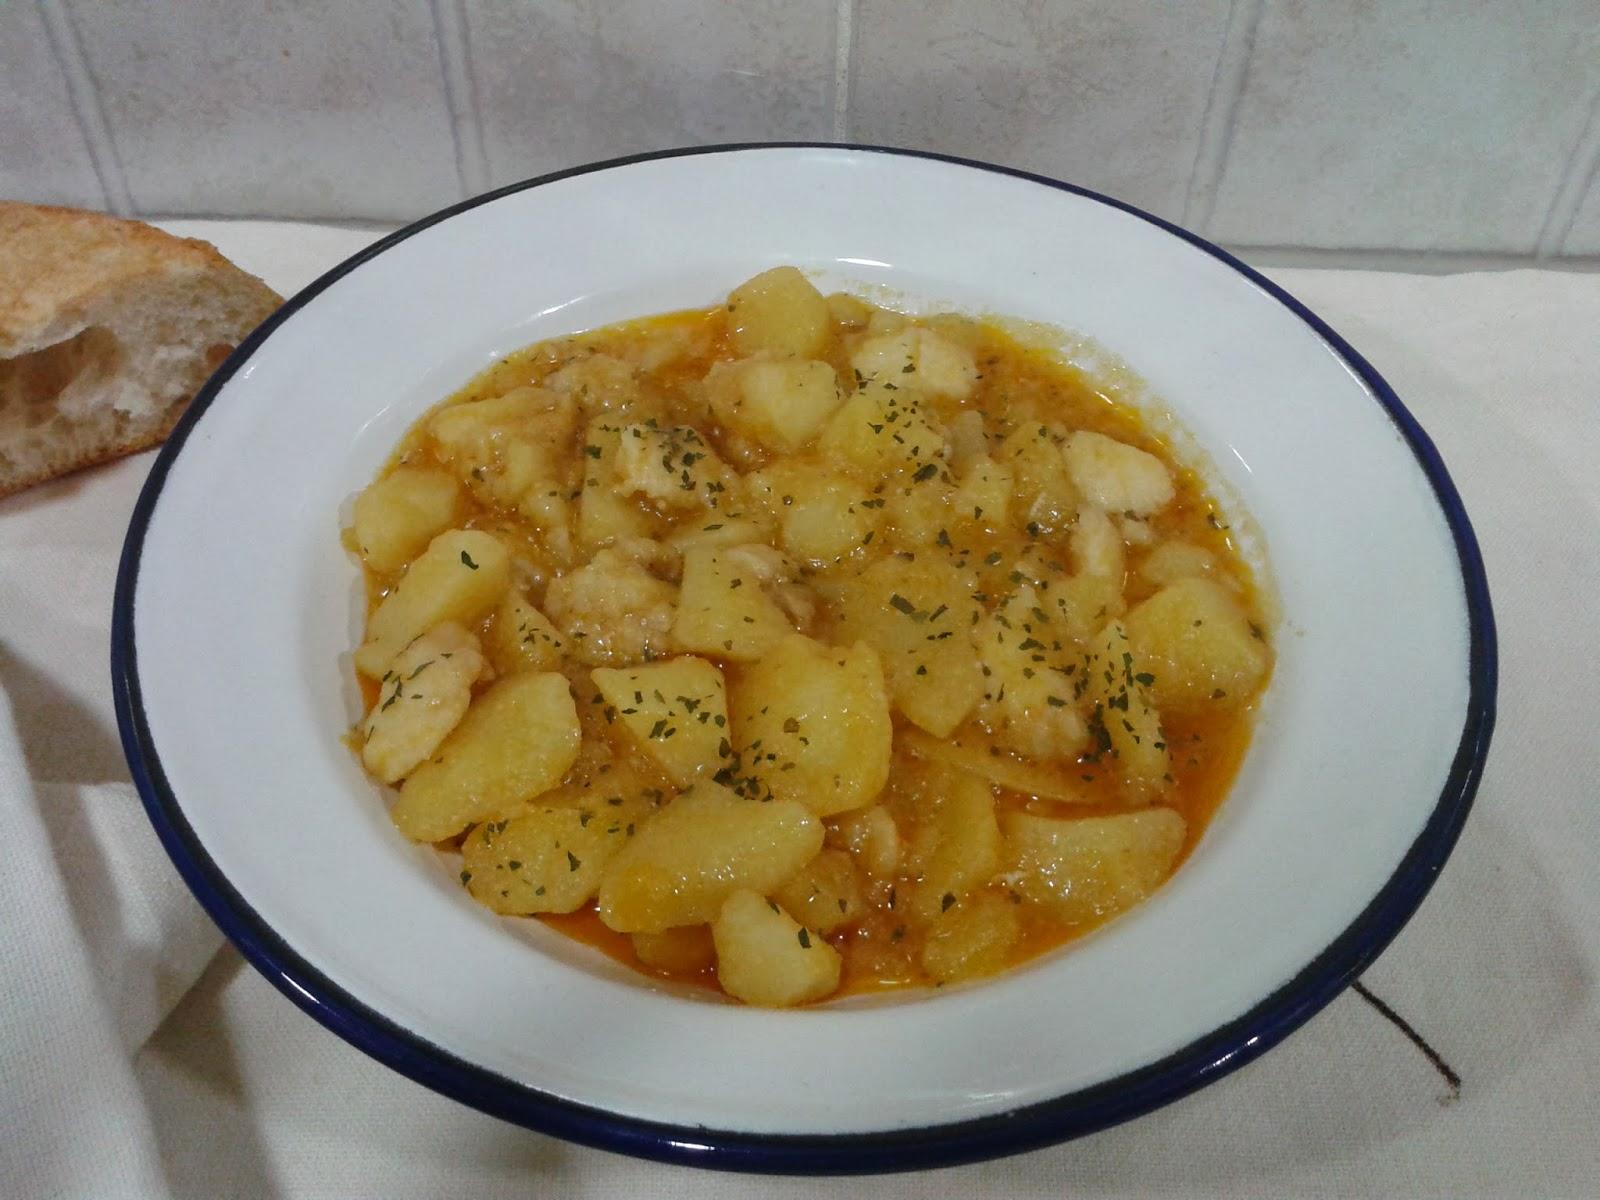 Recetas con encanto guiso de rape con patatas olla r pida - Patatas en olla rapida ...